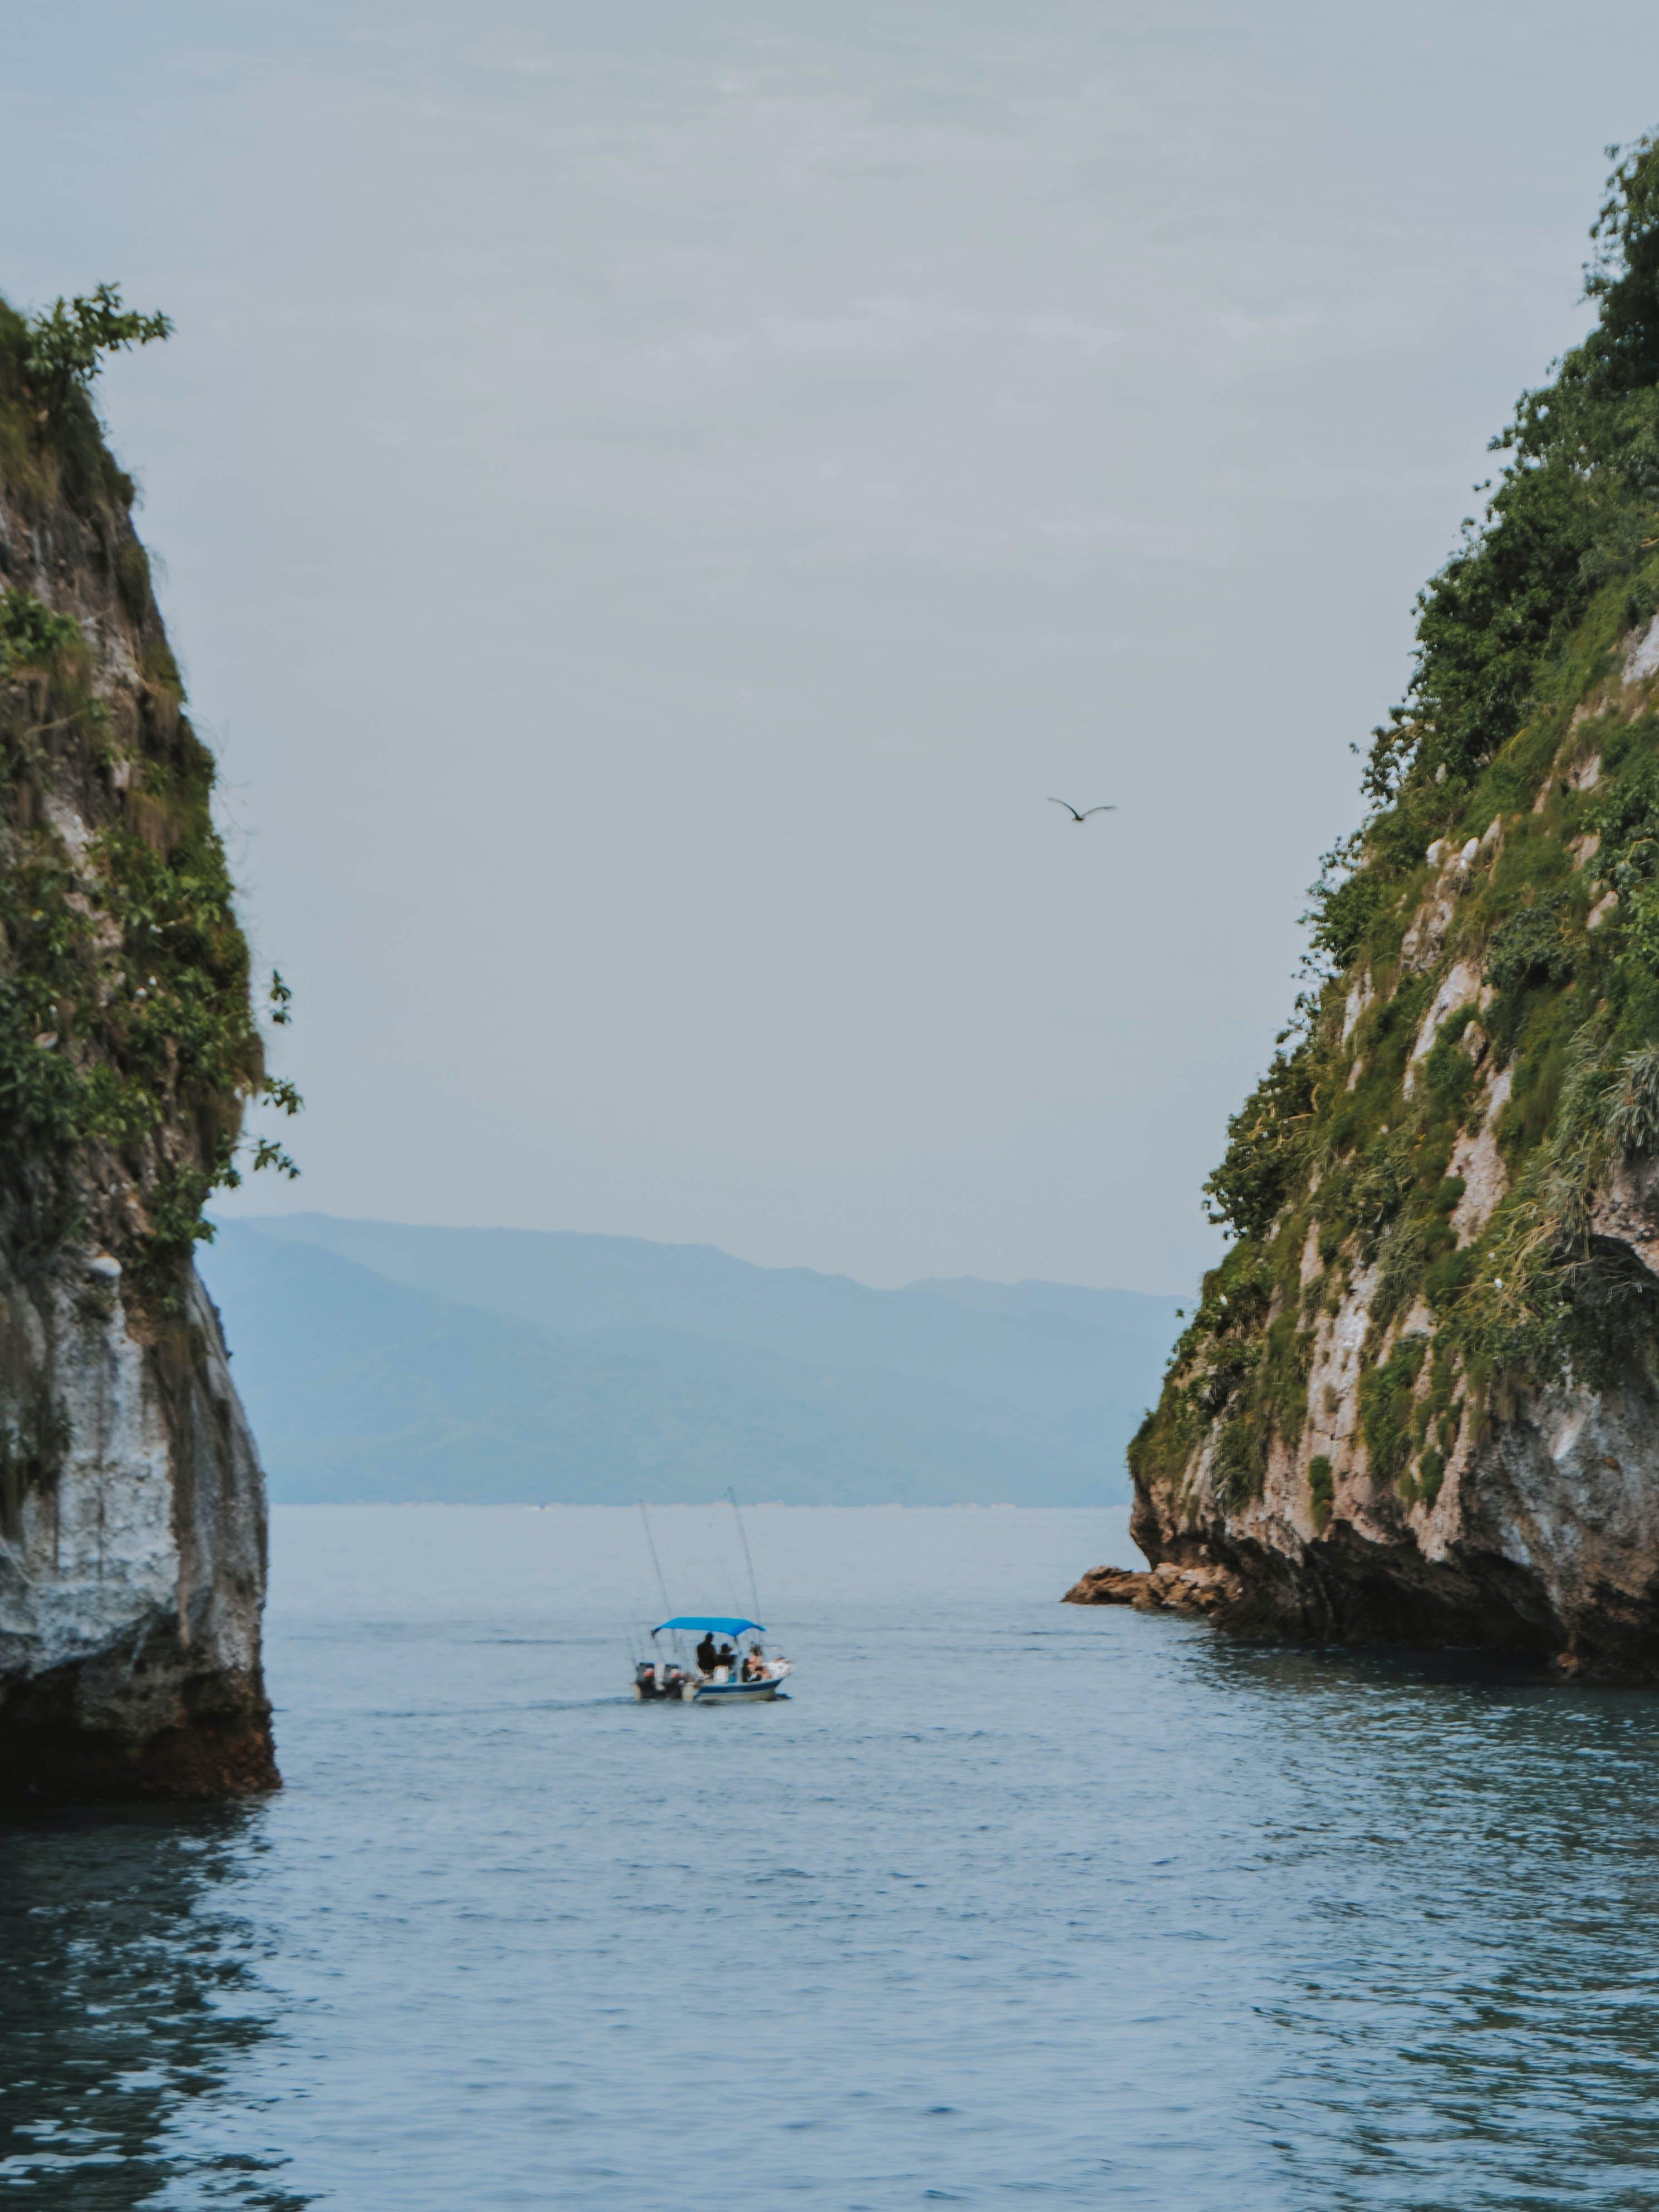 Δωρεάν στοκ φωτογραφιών με άτομα, βάρκα, βουνά, γαλάζιος ουρανός